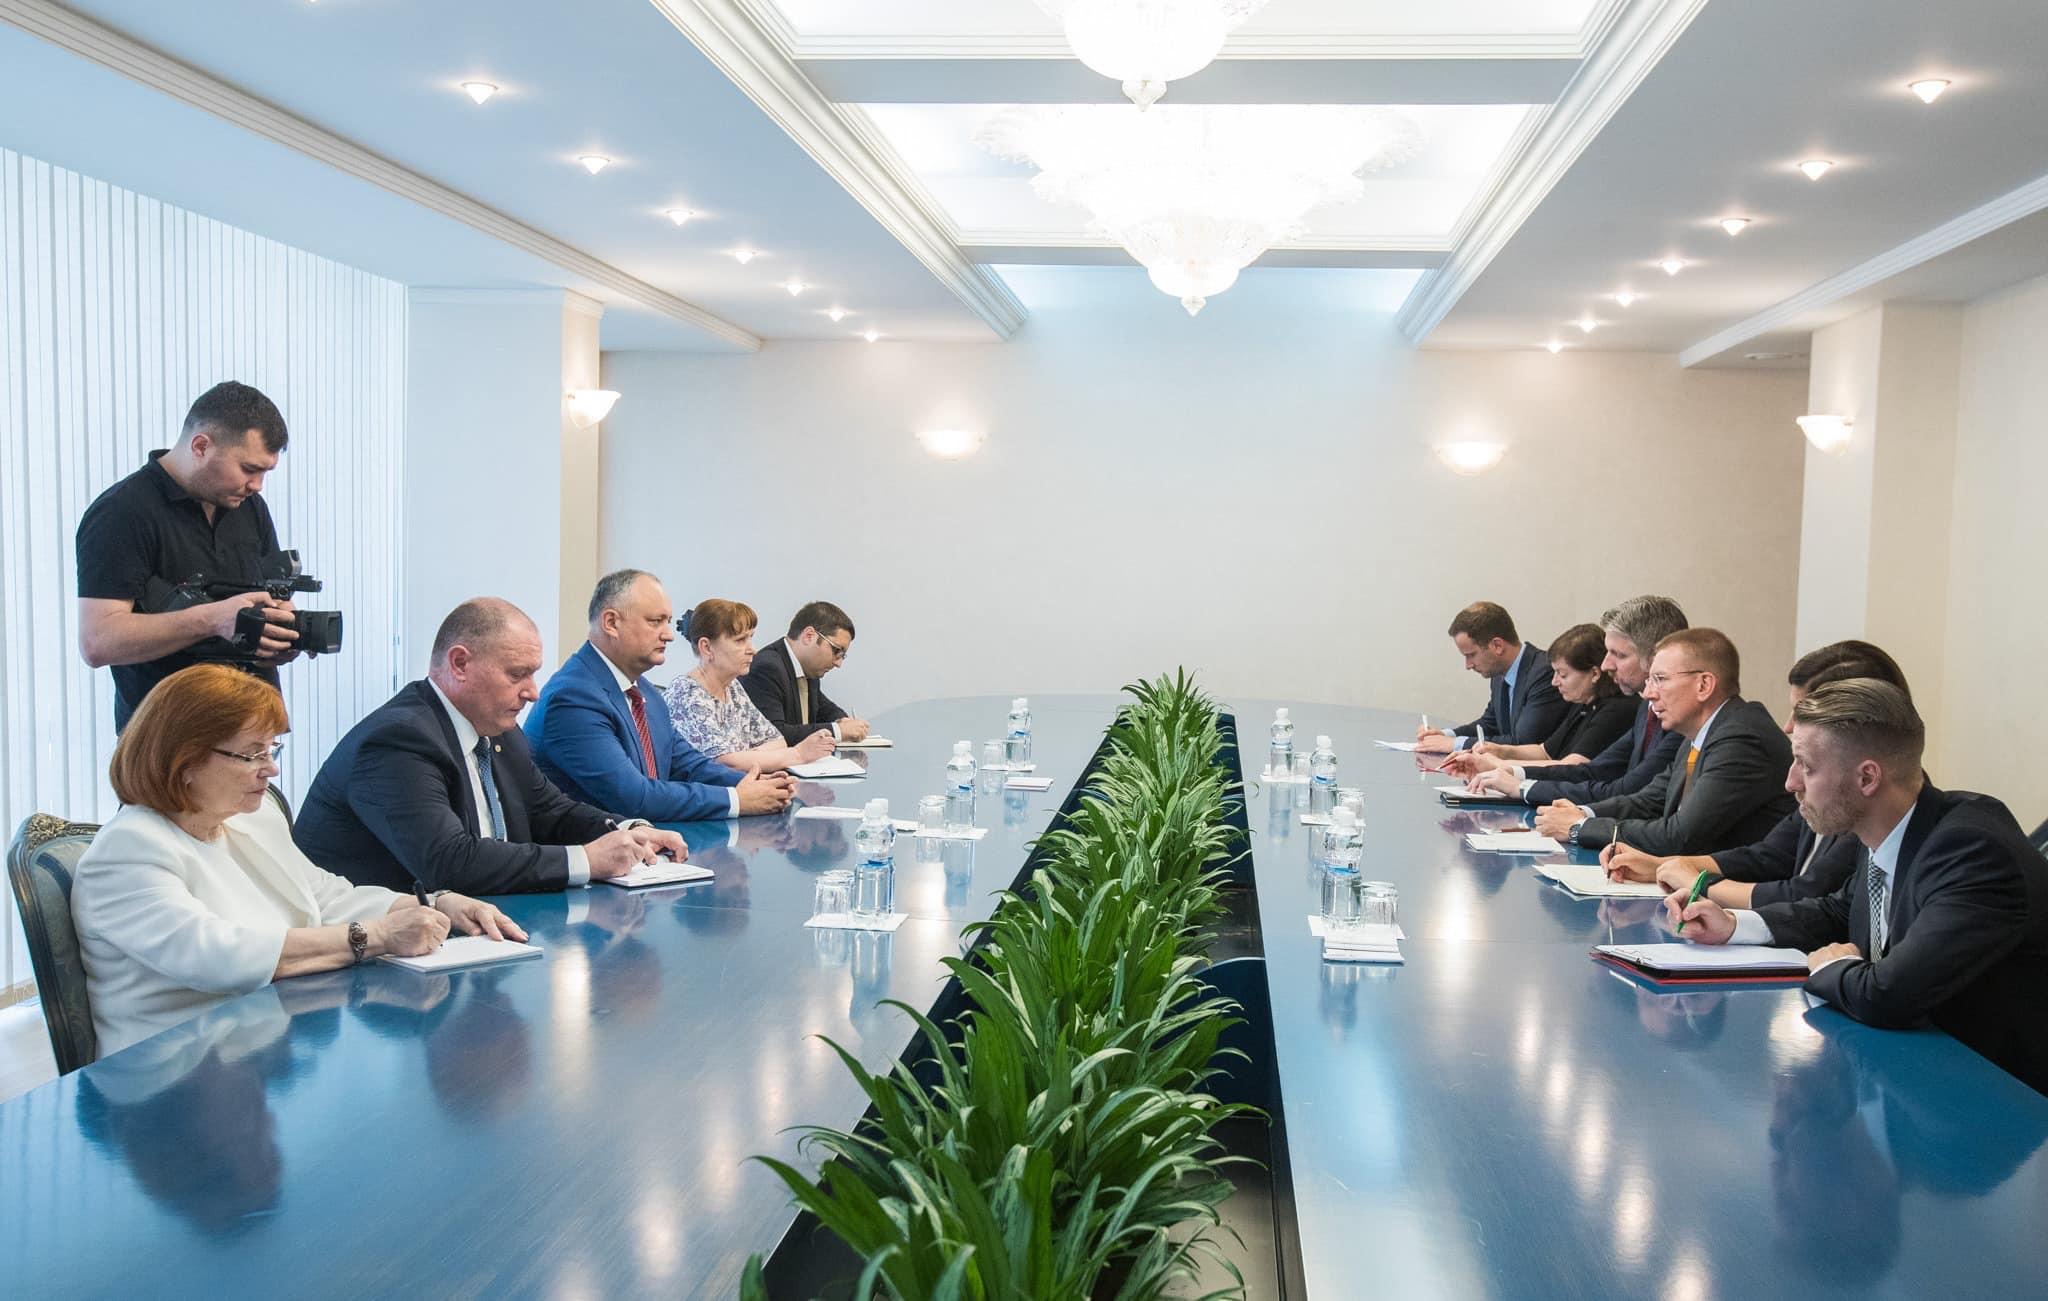 Президент провел встречу с главой МИД Латвии (ФОТО, ВИДЕО)